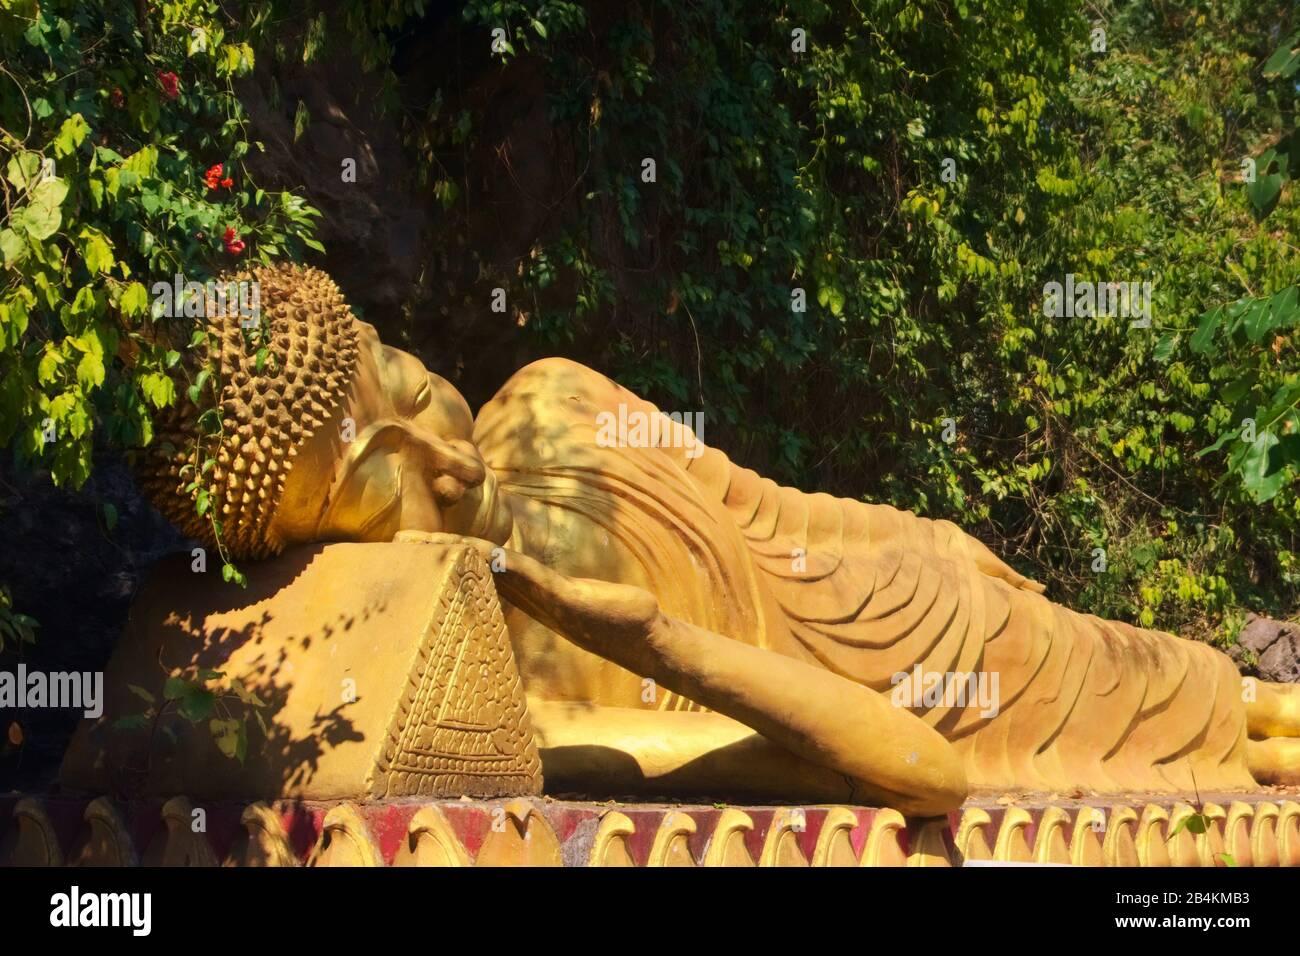 Estatua de oro de Buda reclinado en el camino a la cima del Monte Phou Si, una montaña sagrada en Luang Prabang, Laos. Foto de stock